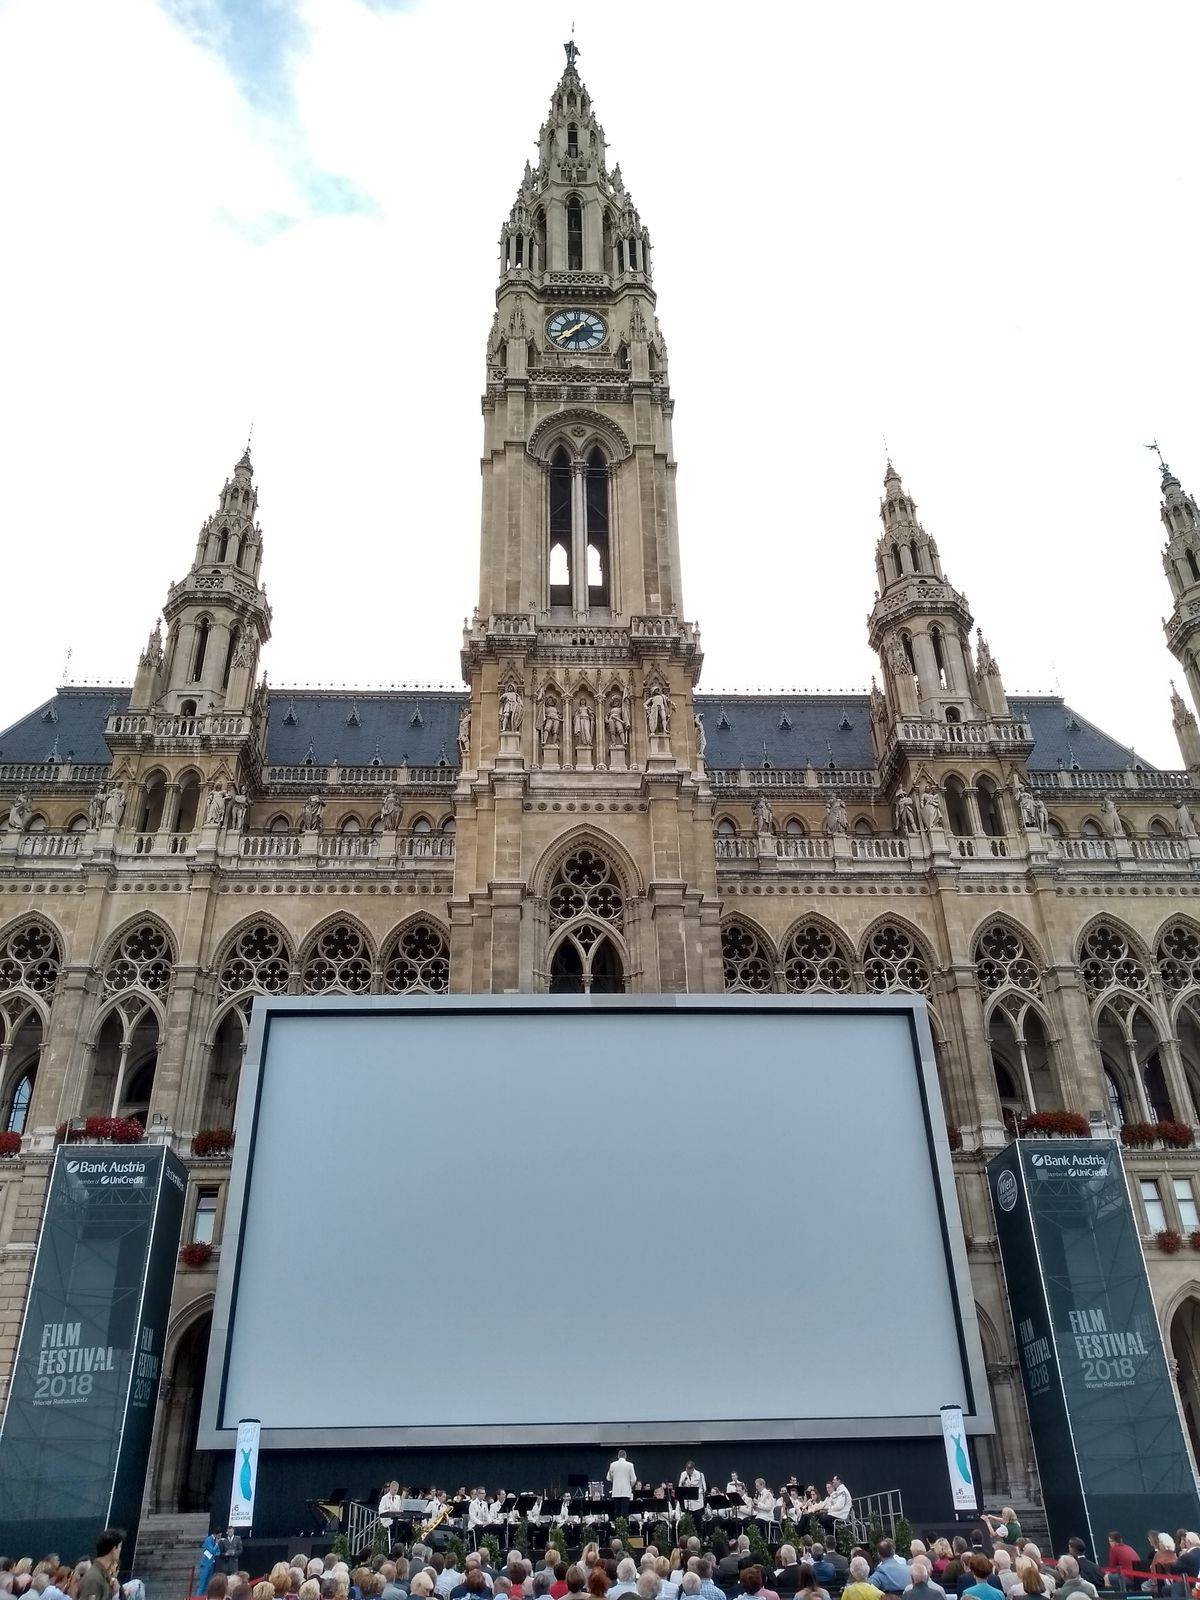 Photo 2: Film Festival de Vienne